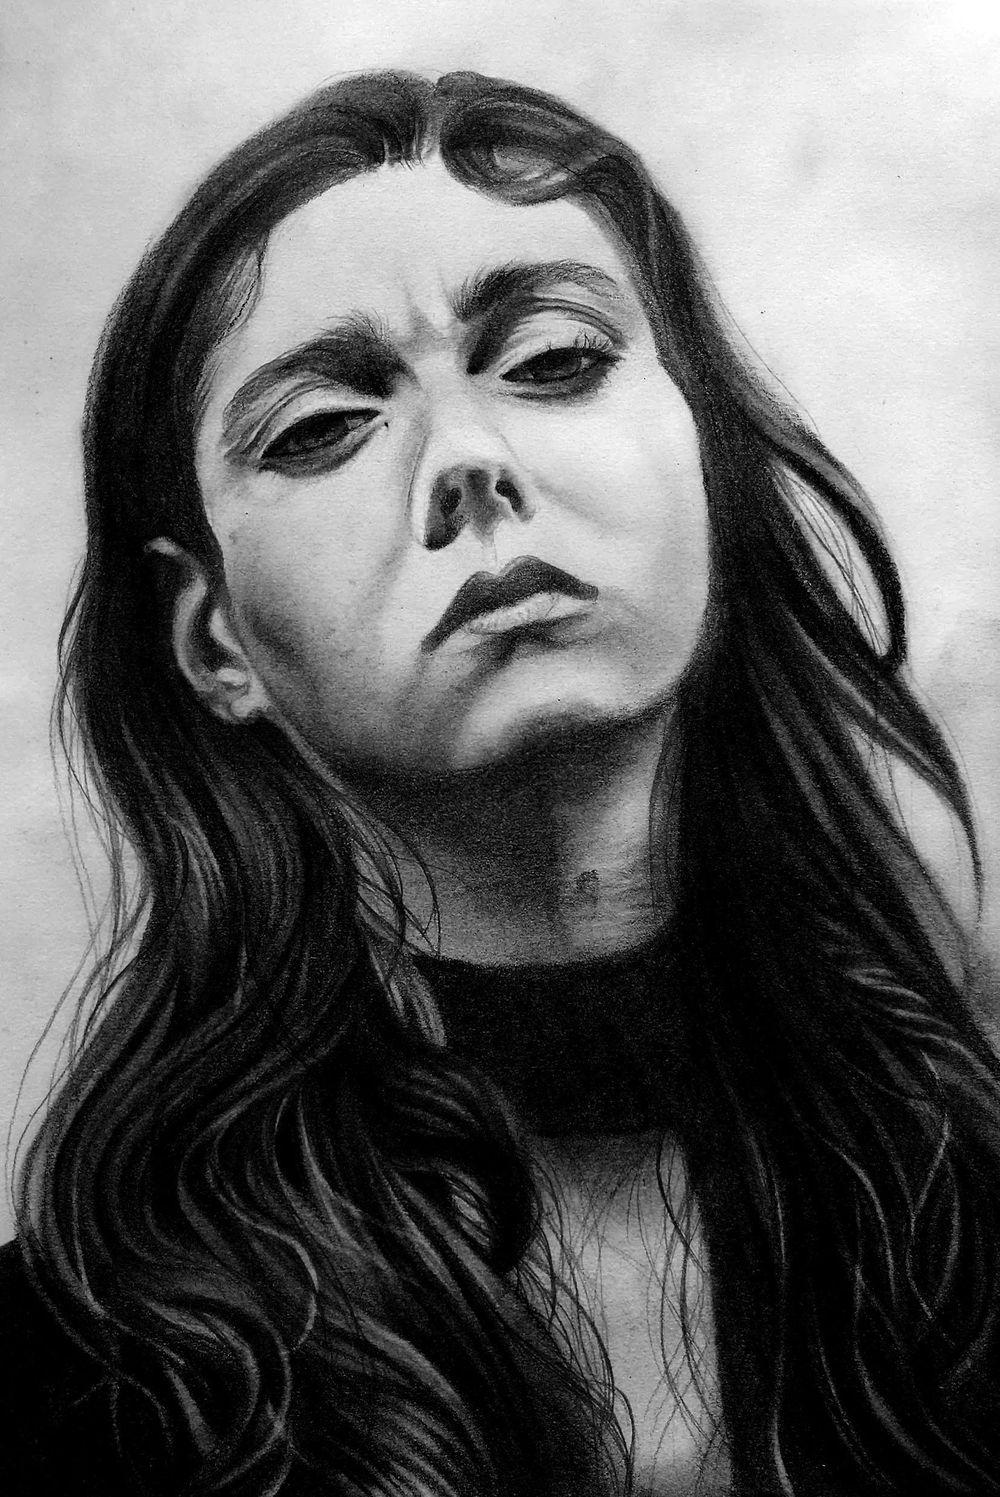 Pencil Portrait - practice - image 2 - student project